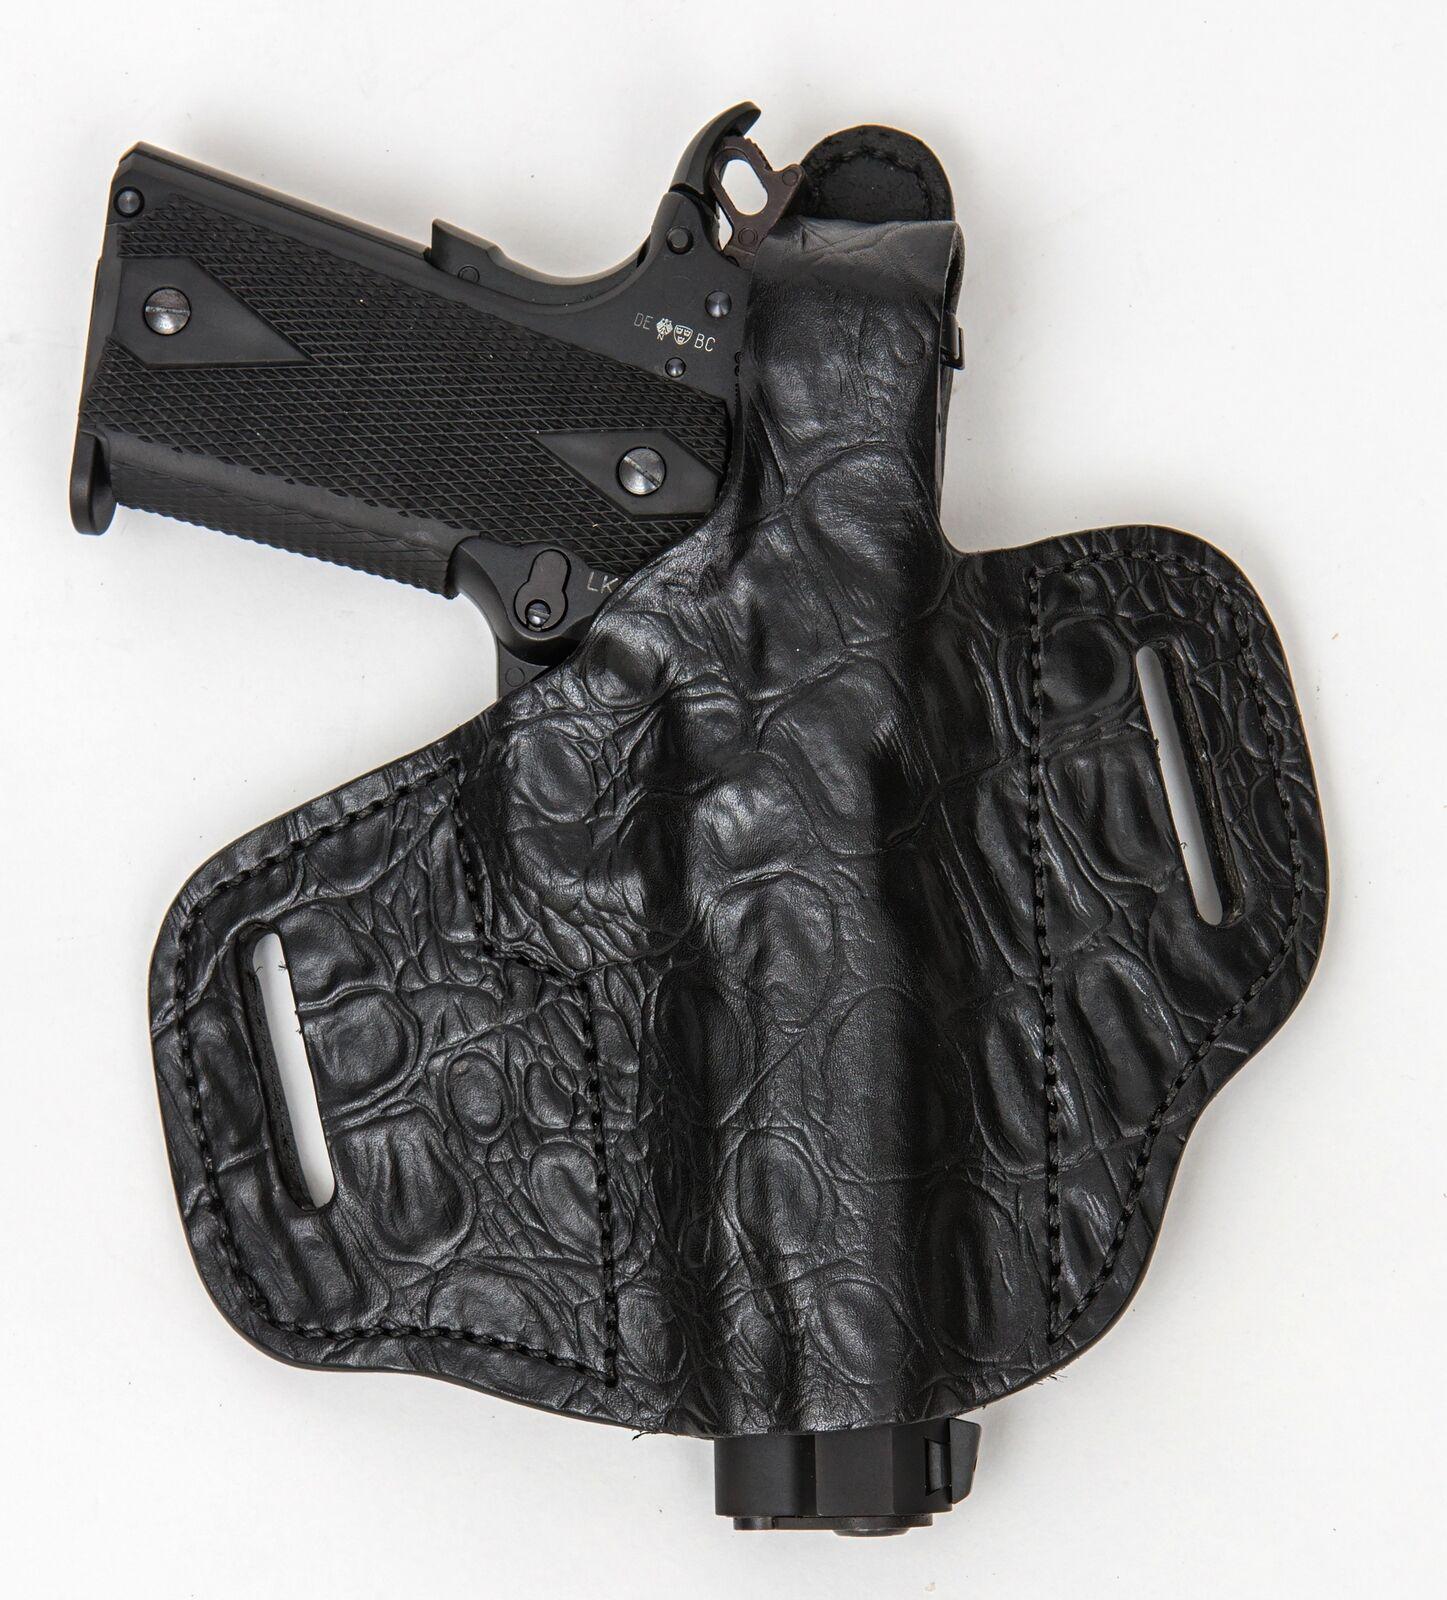 On Duty Conceal RH LH OWB Leder Gun Holster For SIG P290 /w Factory Laser